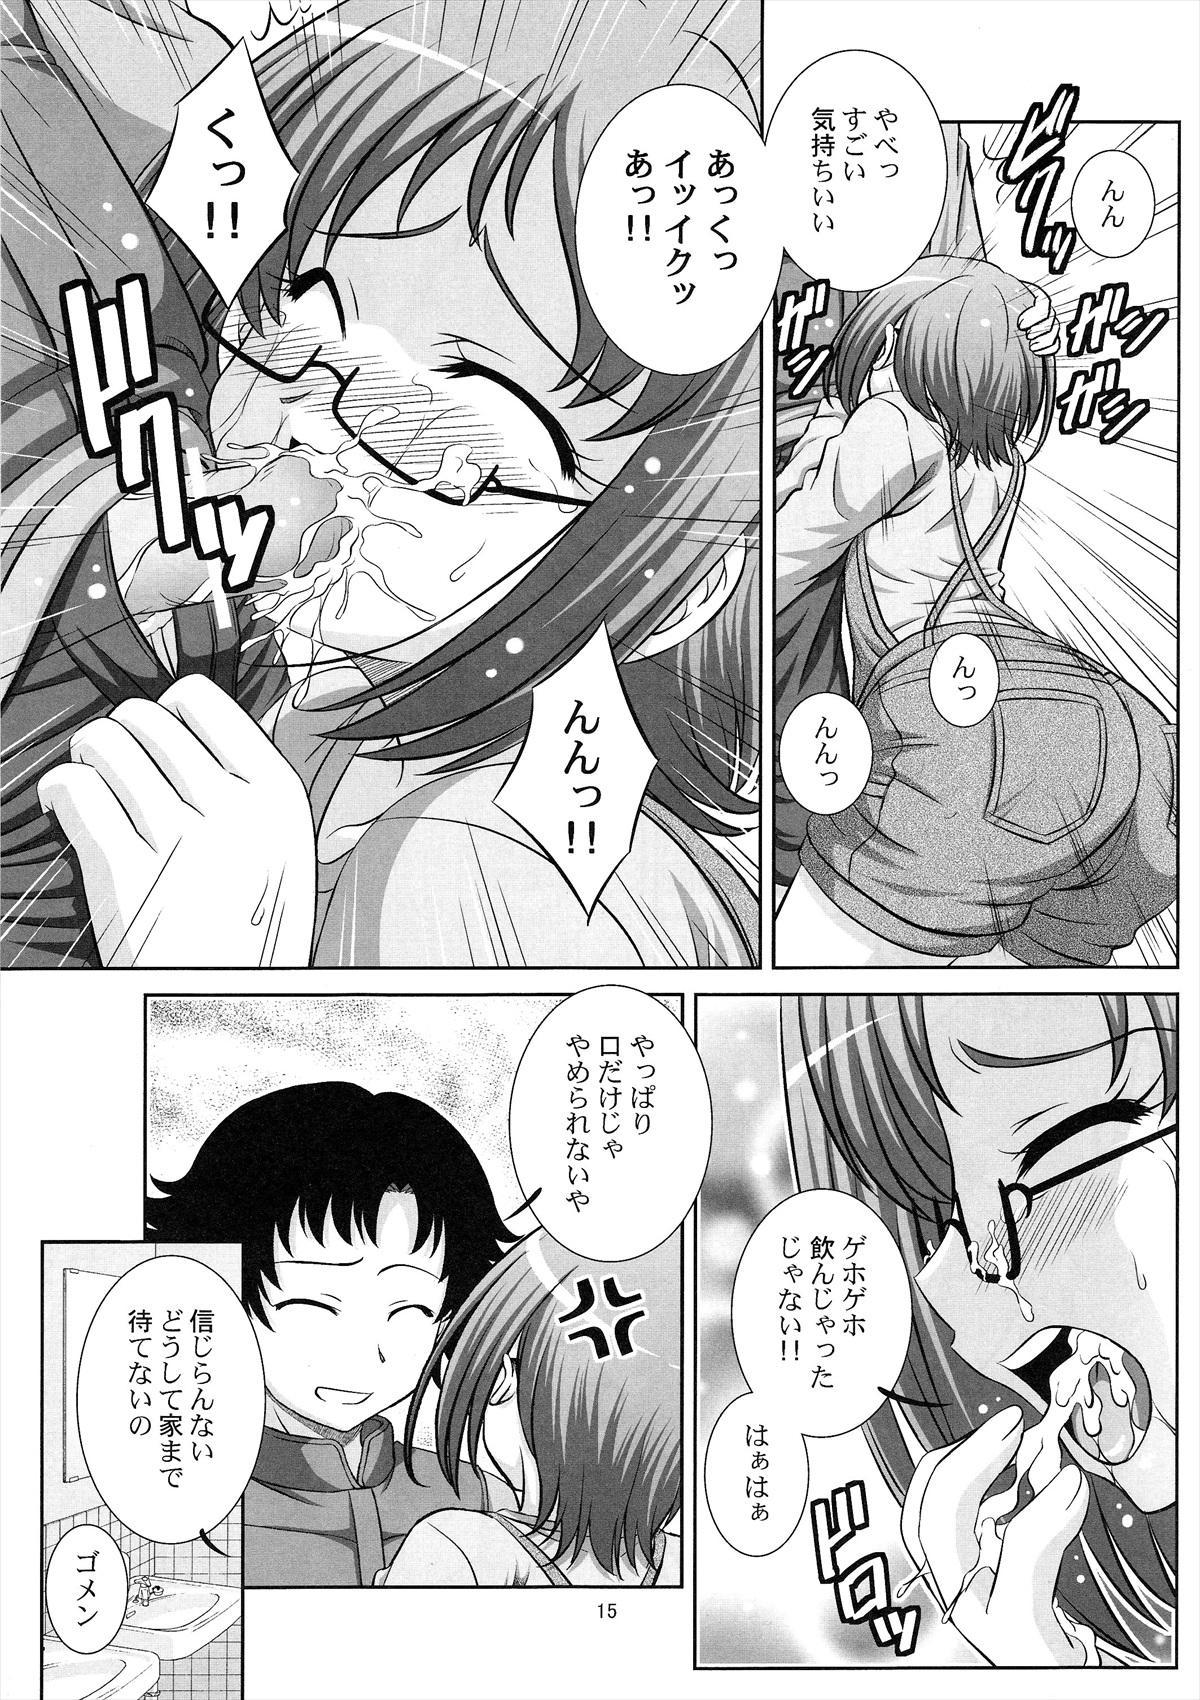 Stage 13 Shirabe Ako no Utagoe 13